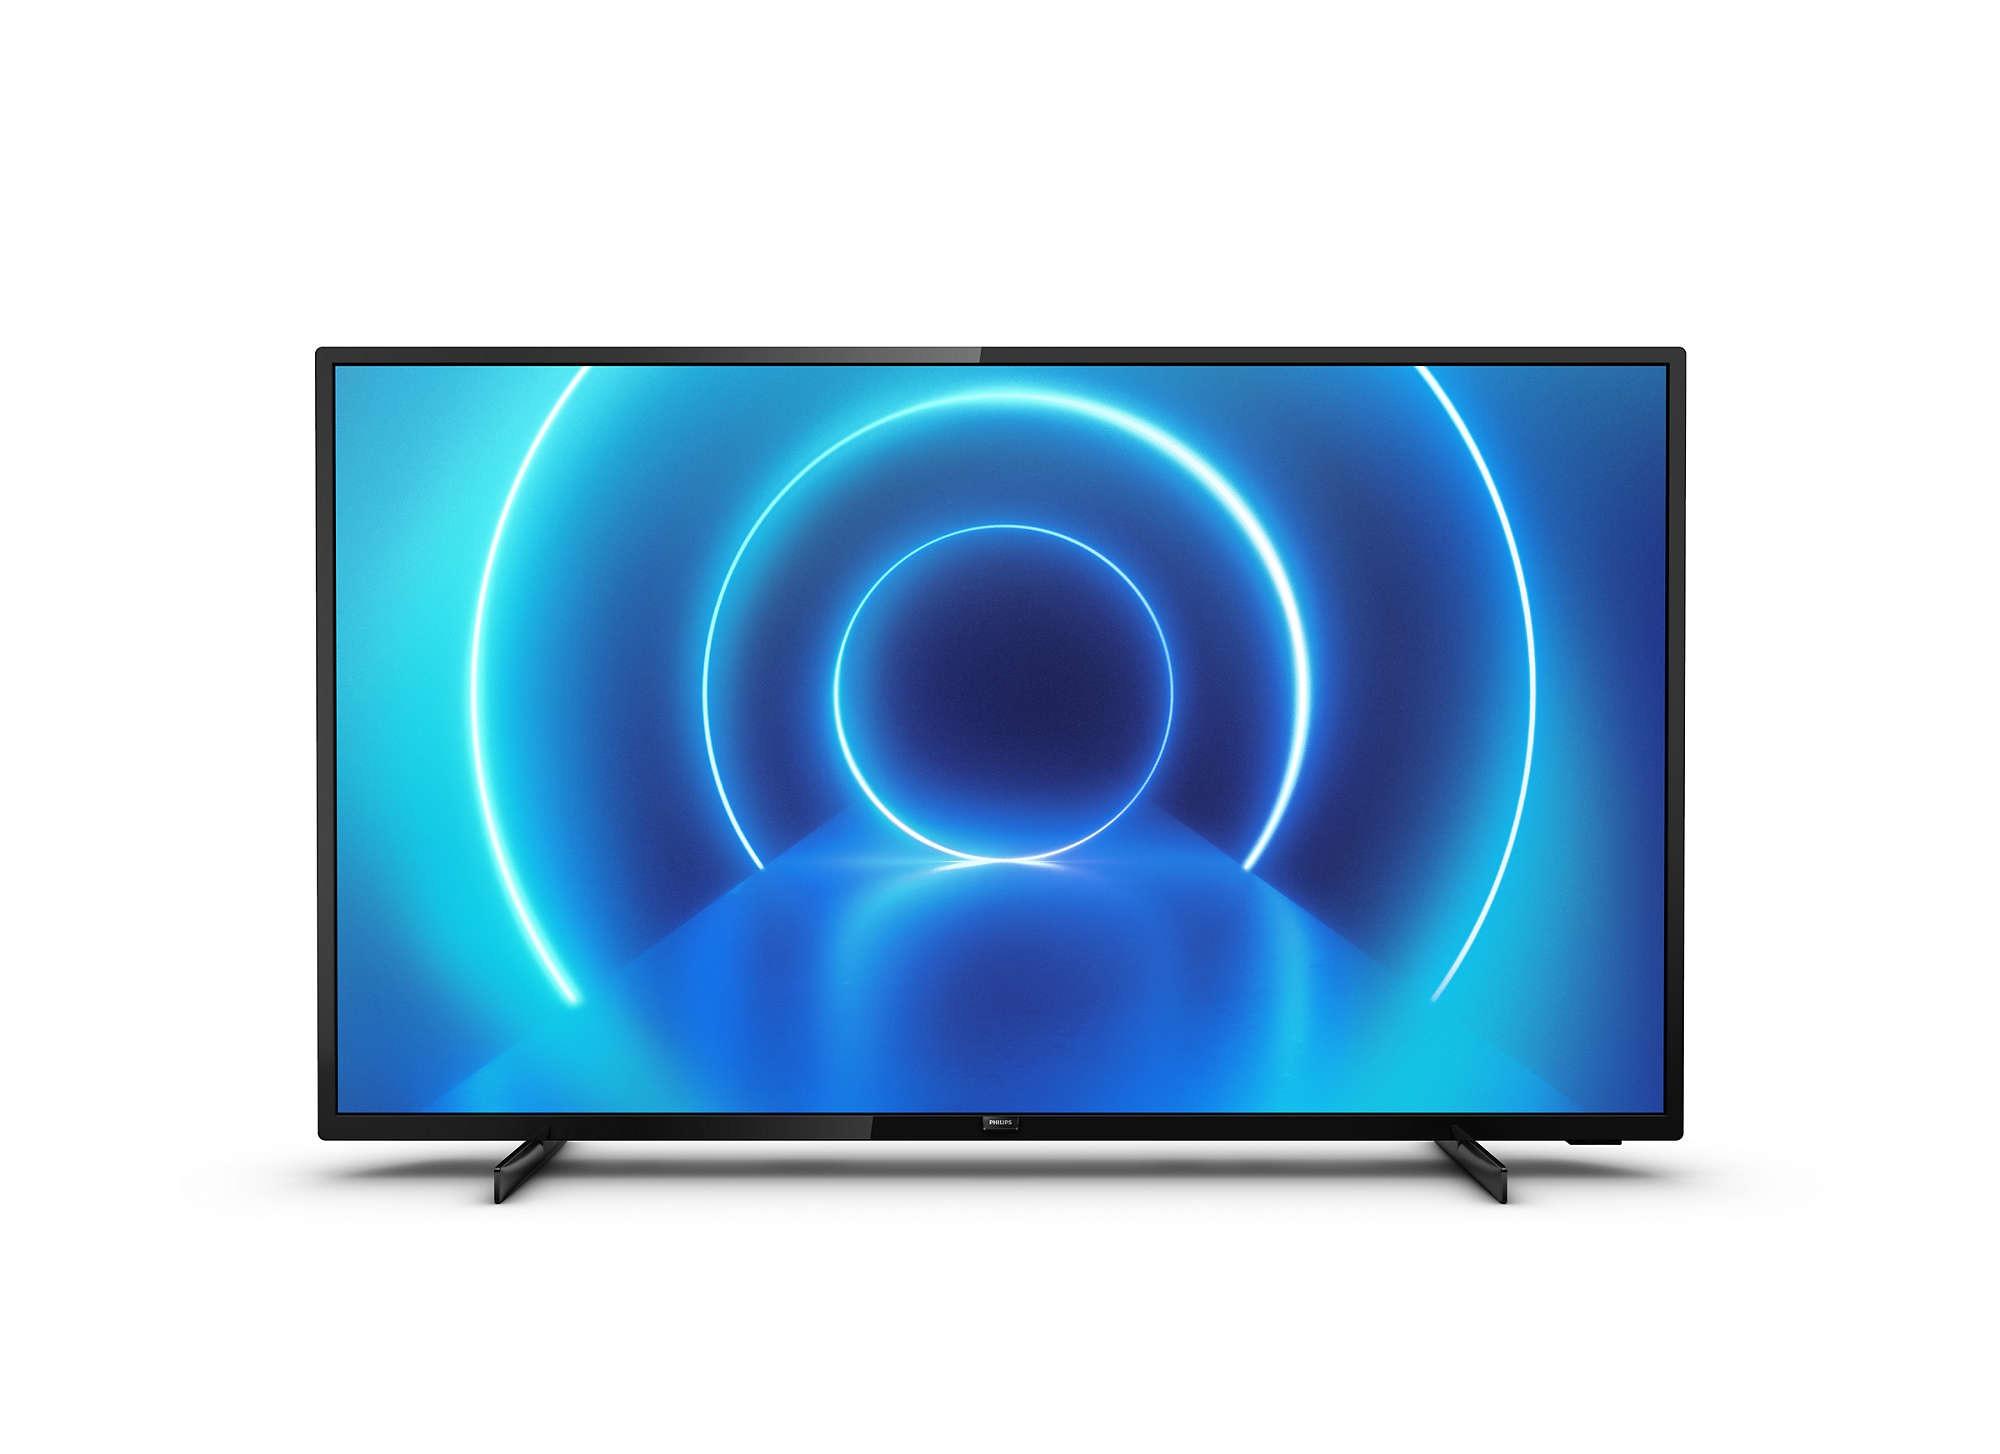 Philips 58PUS7505/12 58 inch UHD TV